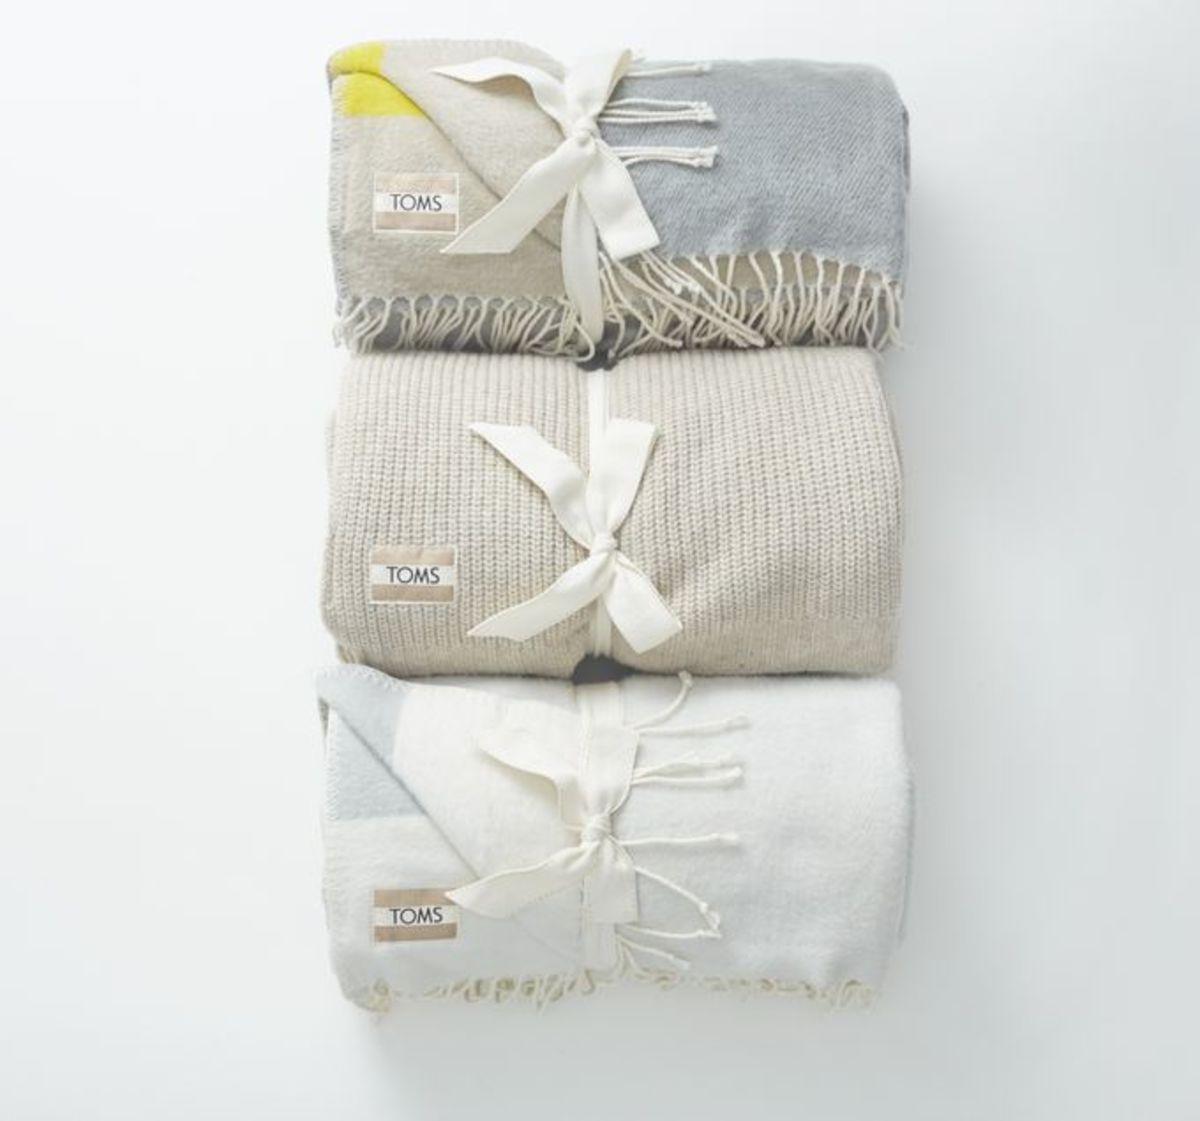 Blankets_aabe36fe-22a7-4895-bfa1-672da2863d97-prv